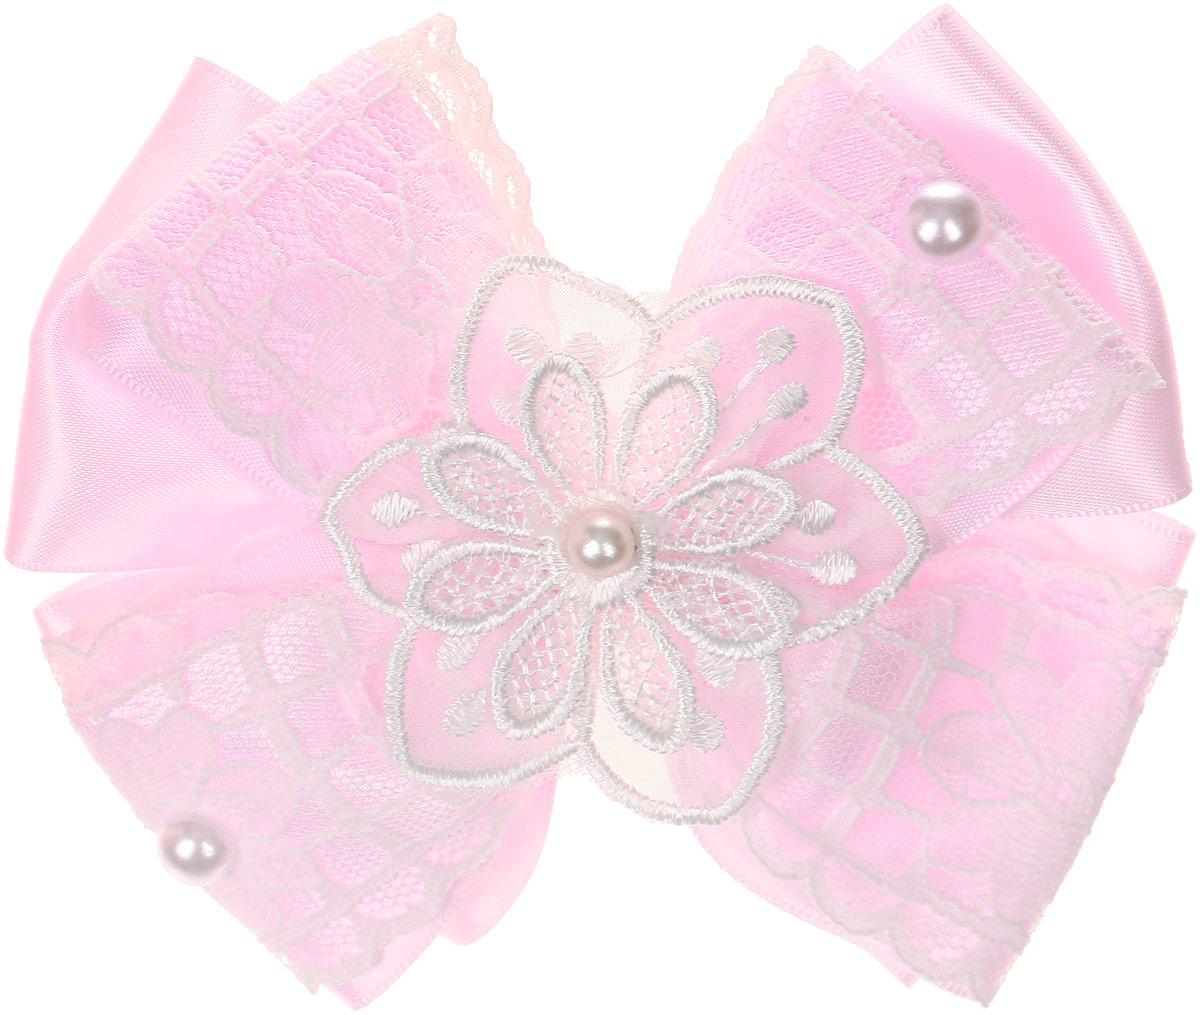 Baby's Joy Резинка для волос Бант цвет розовый белый MN 200 baby s joy резинка для волос цвет красный белый розовый 2 шт